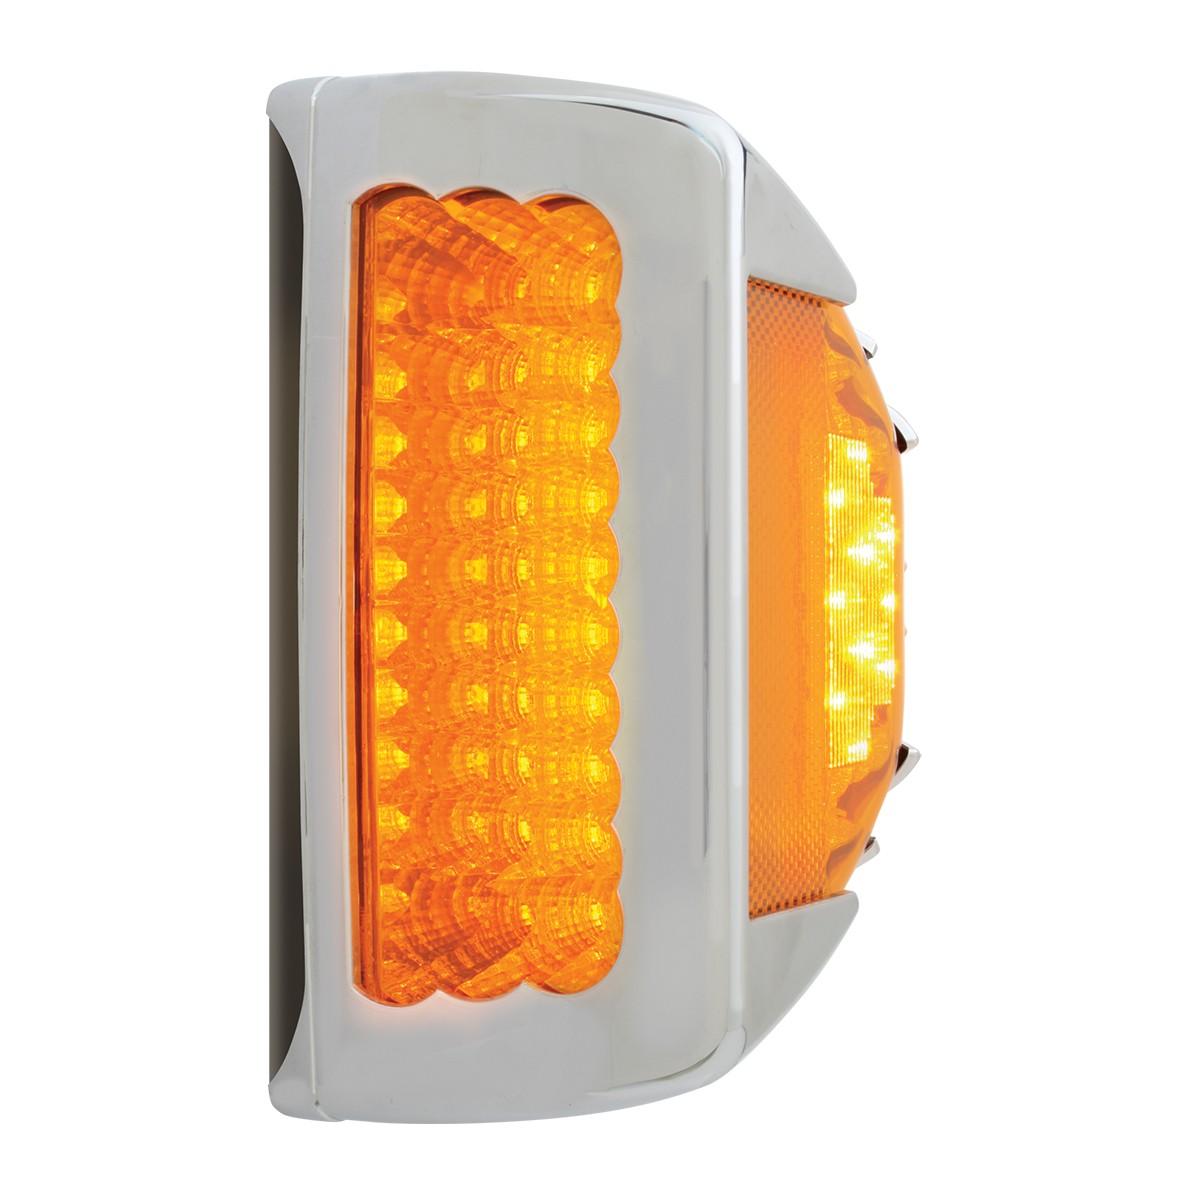 77234 Spyder LED Turn Signal Light for Peterbilt